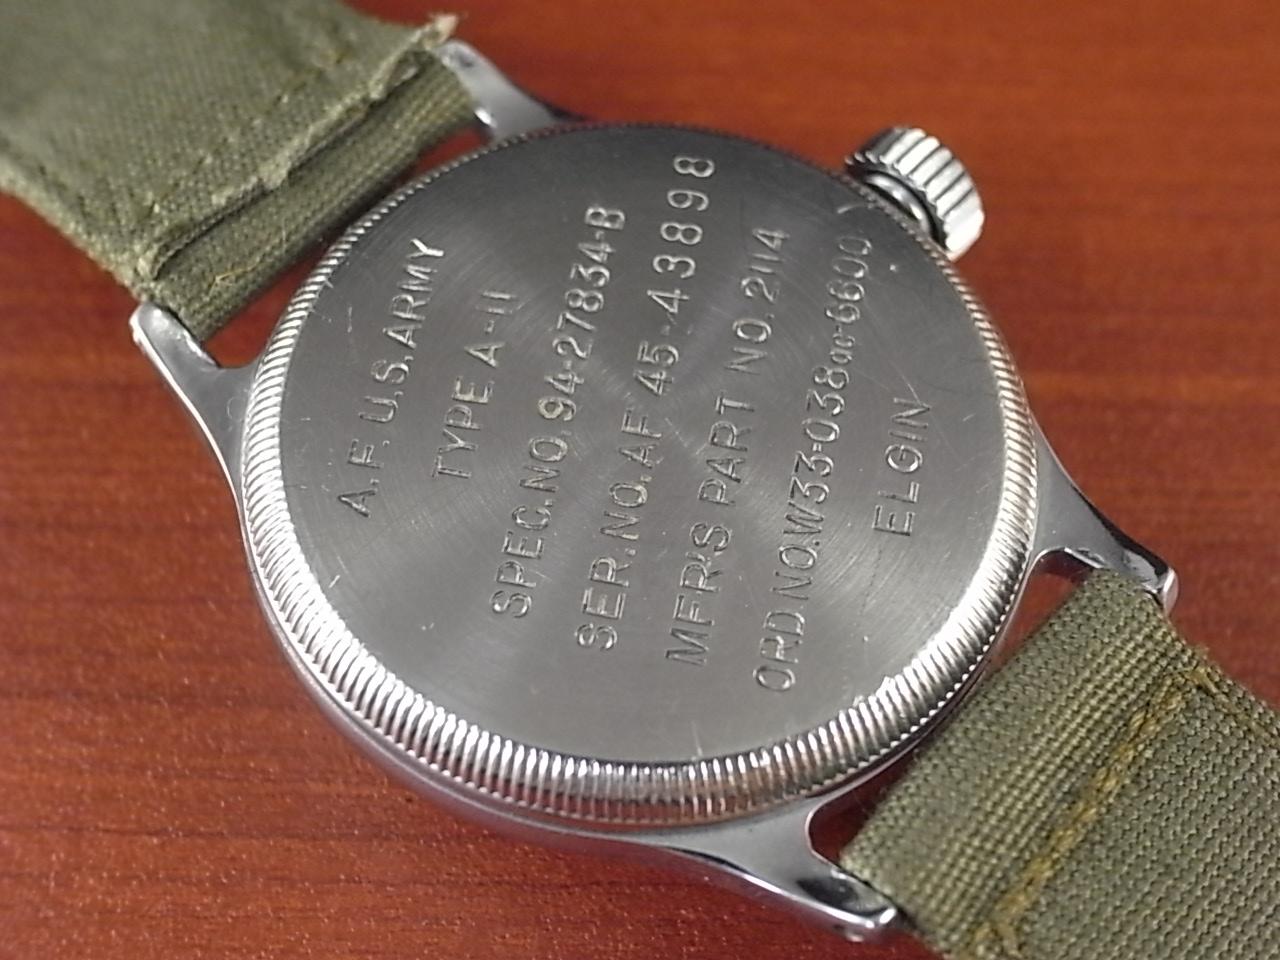 エルジン ミリタリー アメリカ陸軍航空隊 タイプA-11 24時間時計 1940年代の写真4枚目